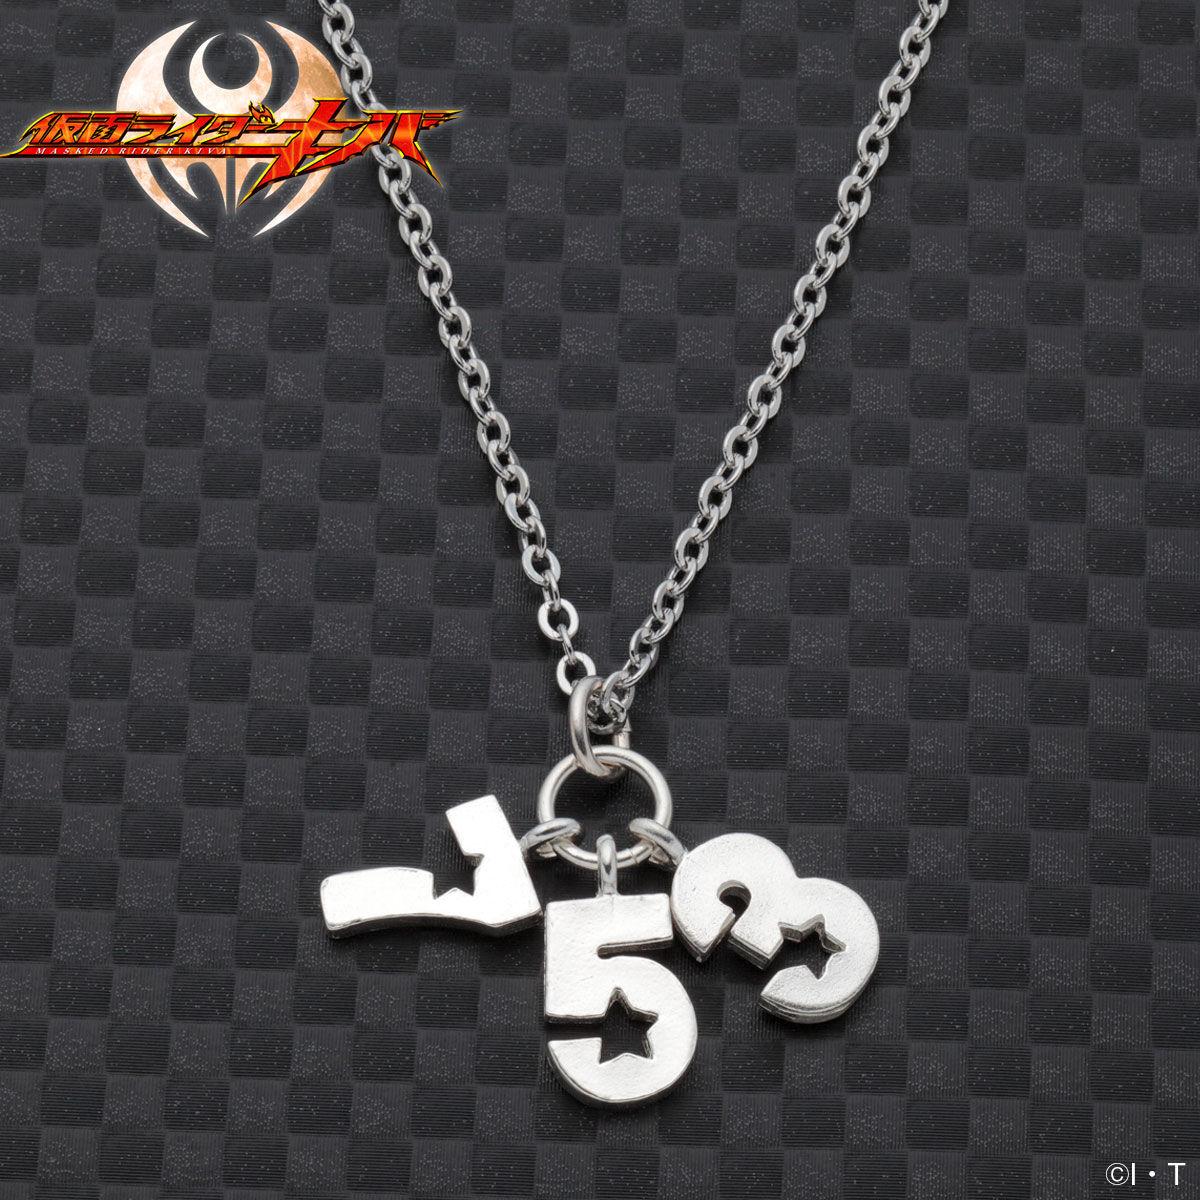 753 Necklace—Kamen Rider Kiva